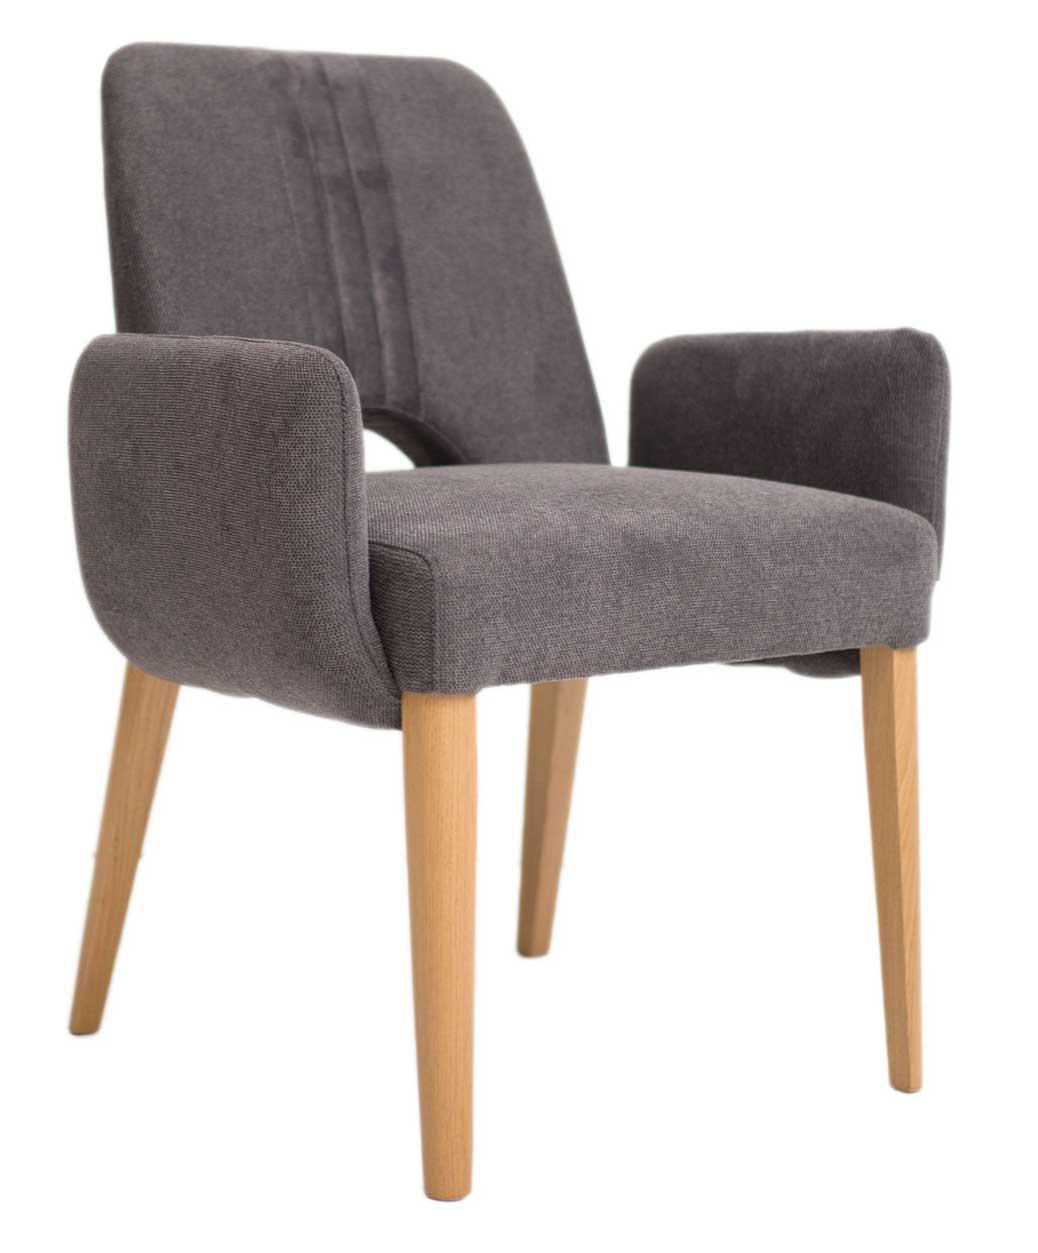 Standard Furniture Nantes Armlehnstühle mit Absatzstoff